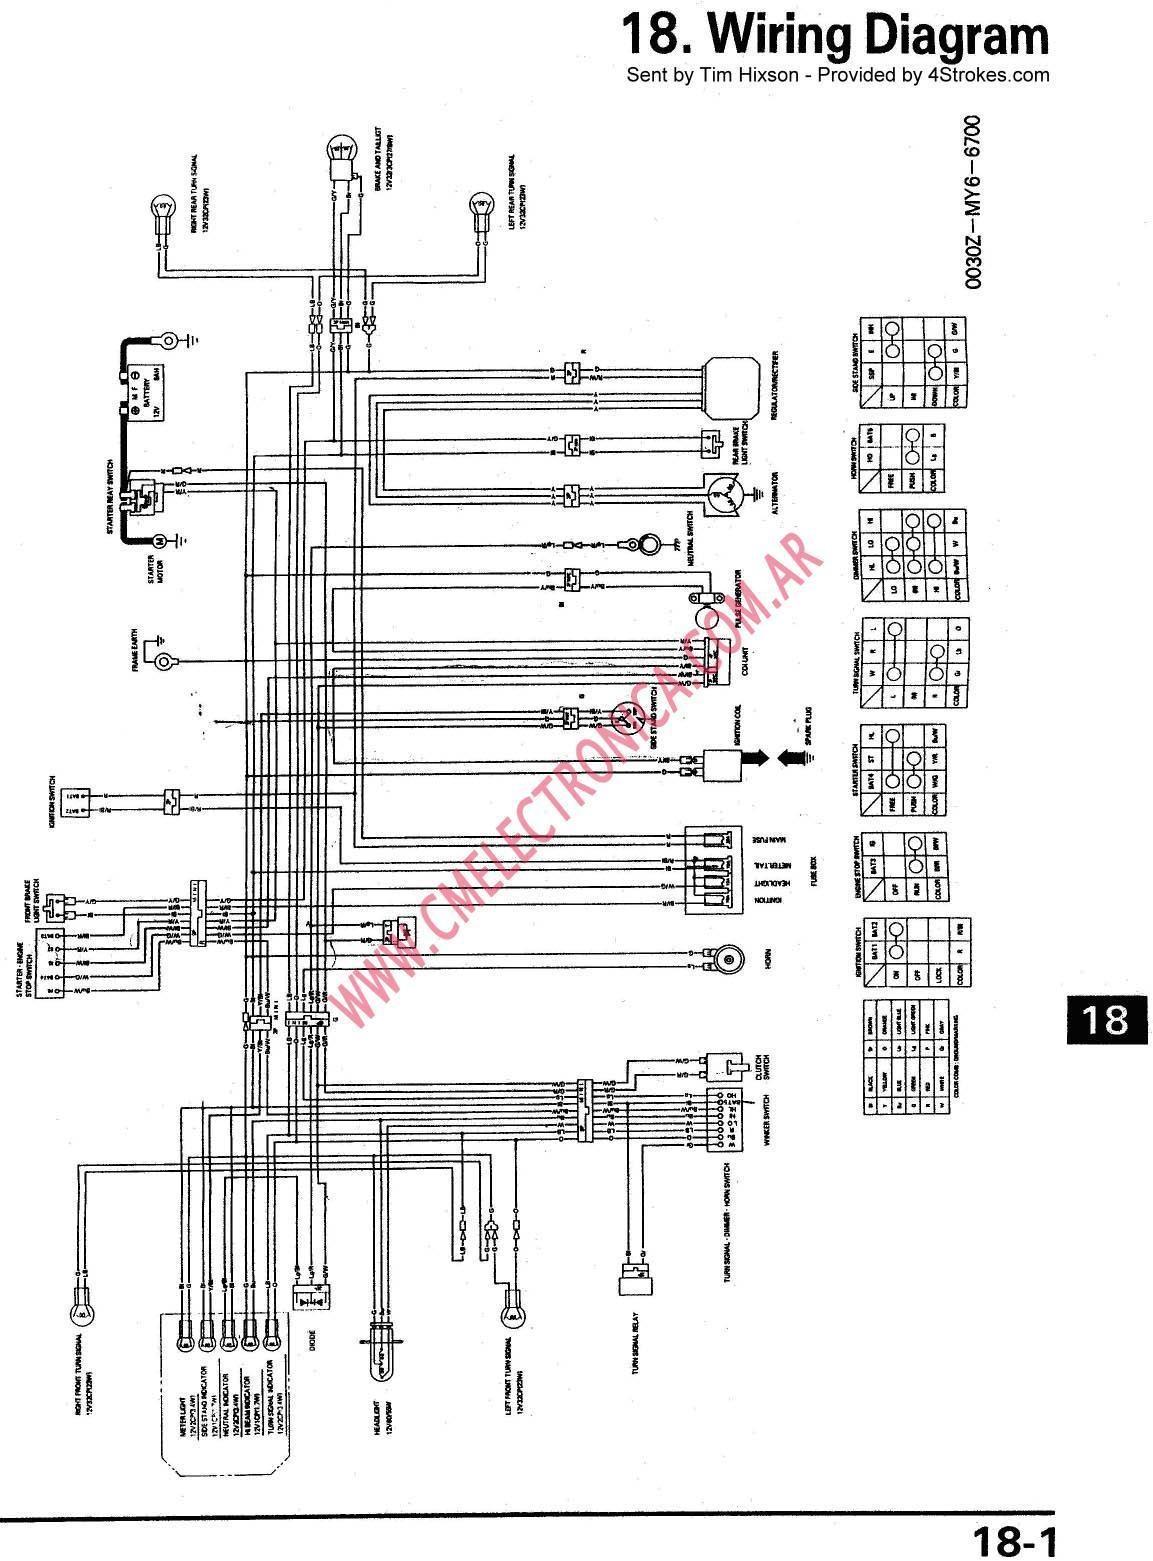 Ruckus Wiring Diagram | Manual E-Books - Honda Ruckus Wiring Diagram